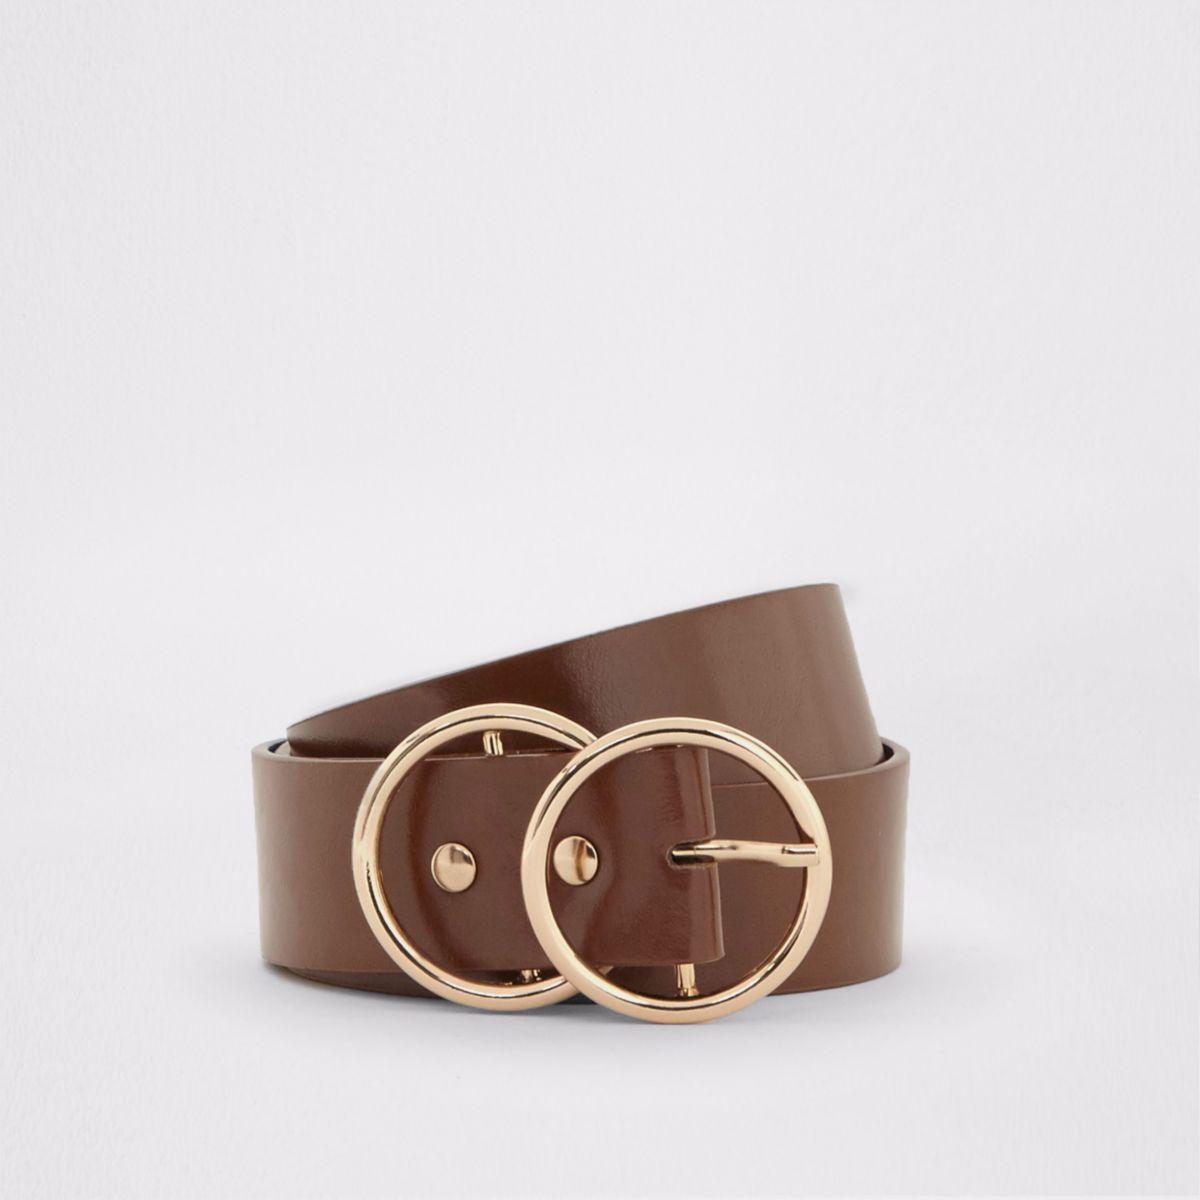 Bruine jeansriem met olie-afwerking en dubbele ring